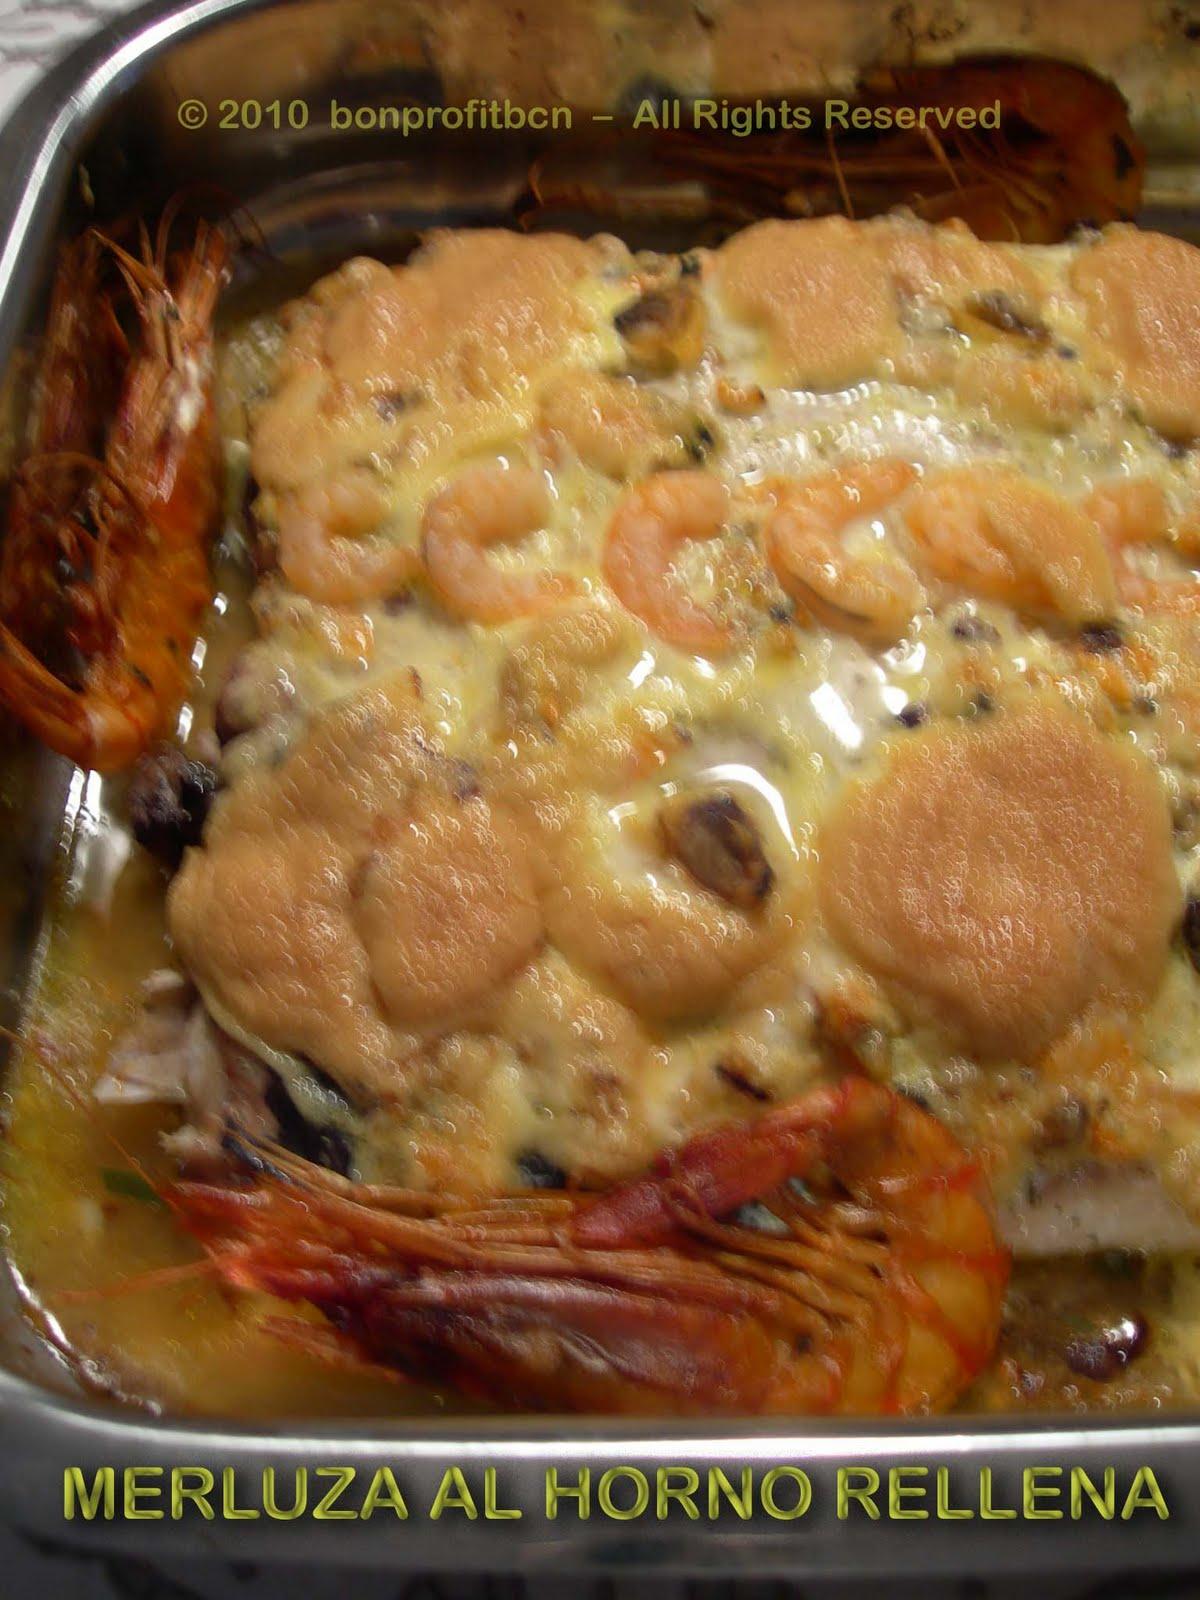 Bon profit merluza al horno rellena con salsa muselina for Merluza rellena al horno